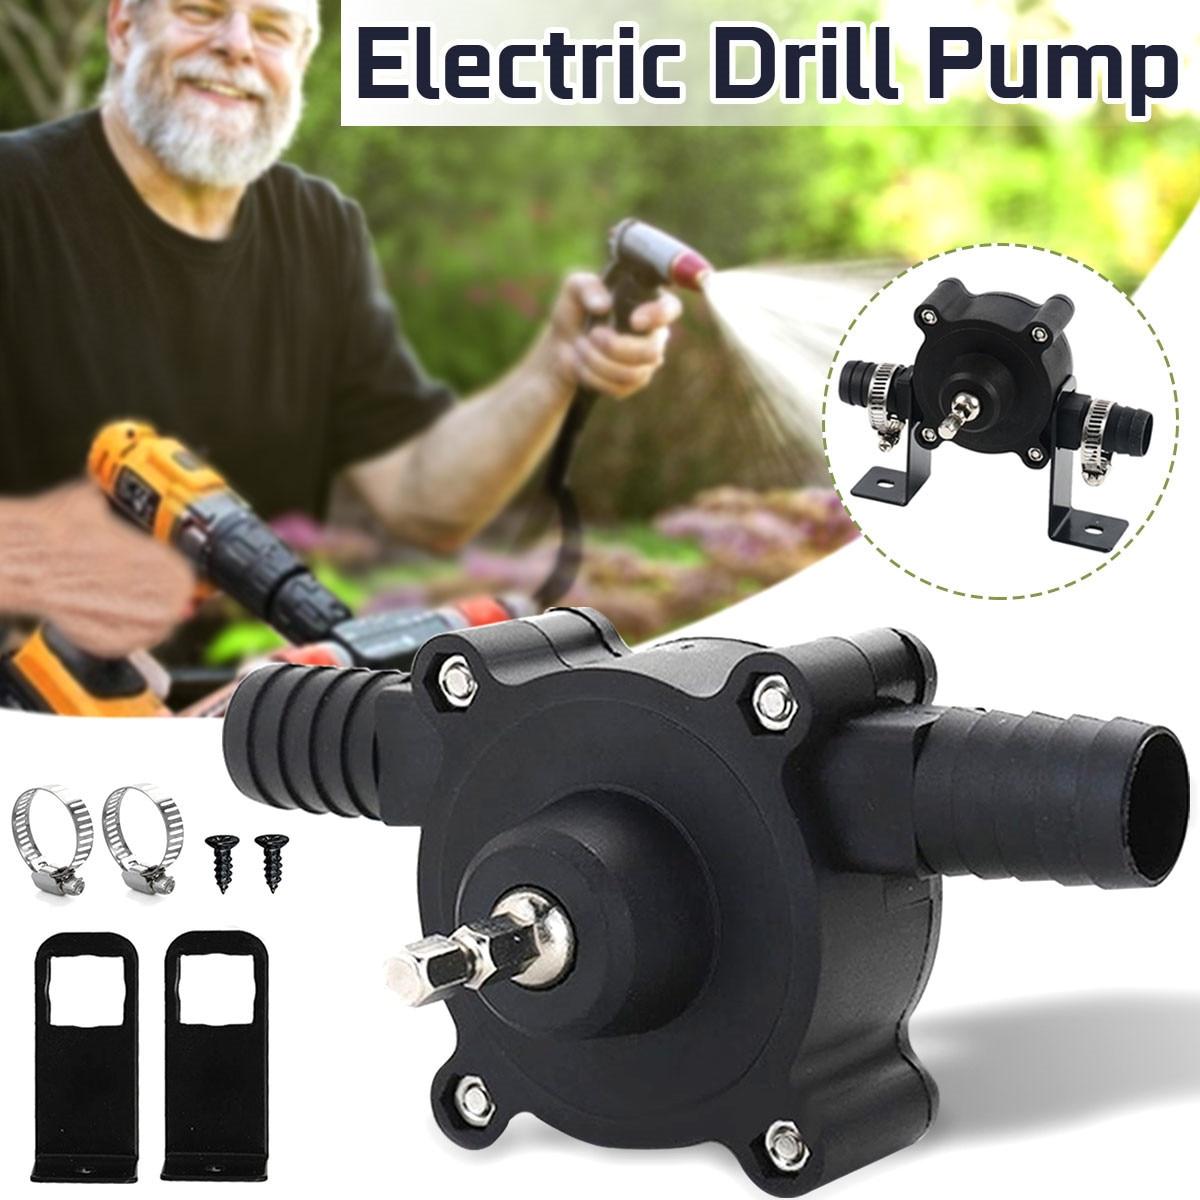 Бытовая электрическая дрель, ручной насос постоянного тока, насосы для дизельной жидкости, буровые насосы, миниатюрная самовсасывающая пер...